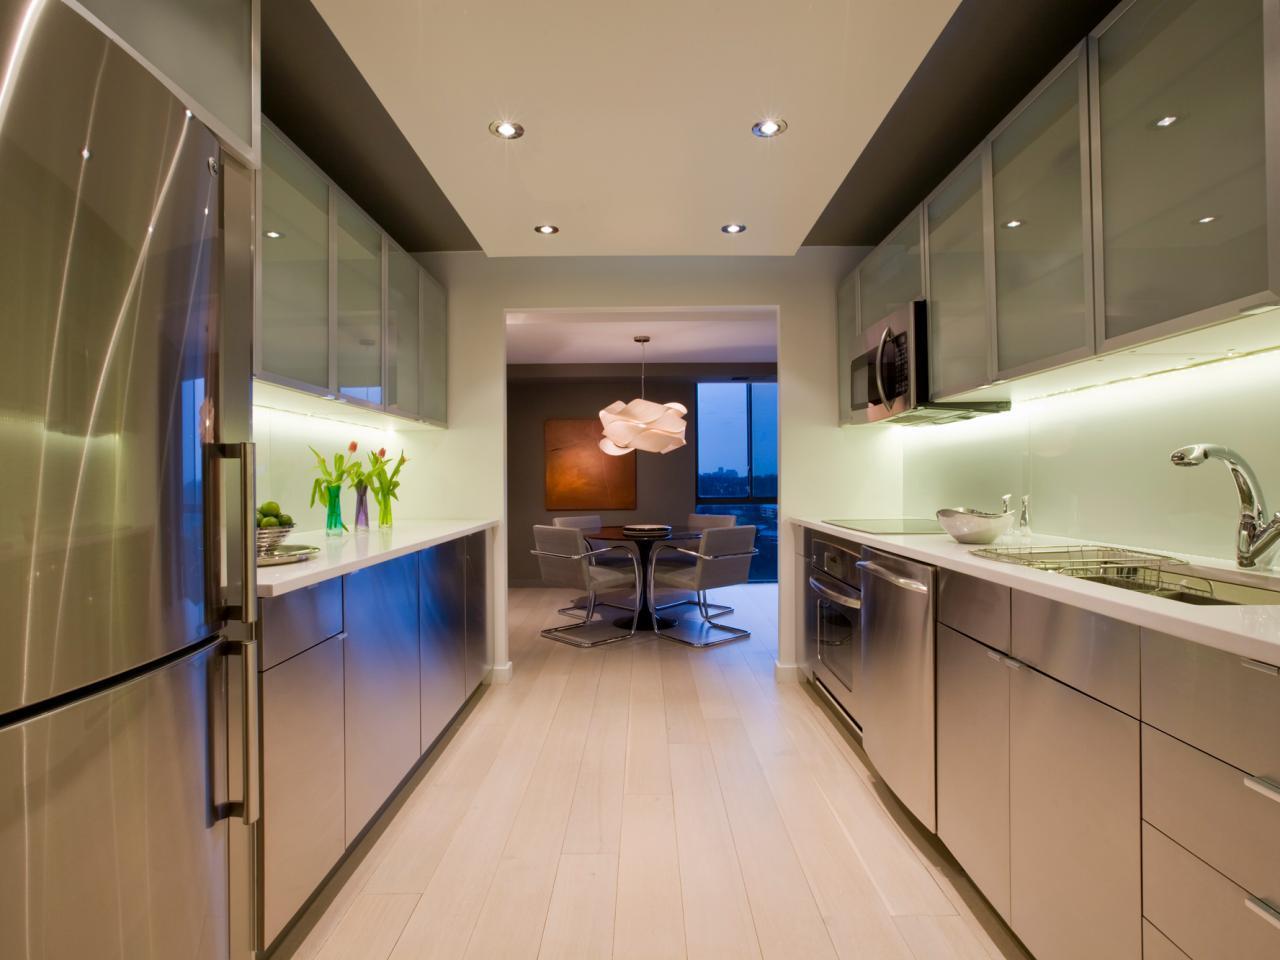 Cozinhas planejadas fotos e ideias 2017 mundodastribos todas as tribos em um nico lugar - Attractive kitchen cabinet door ideas to affect the rooms appearance ...